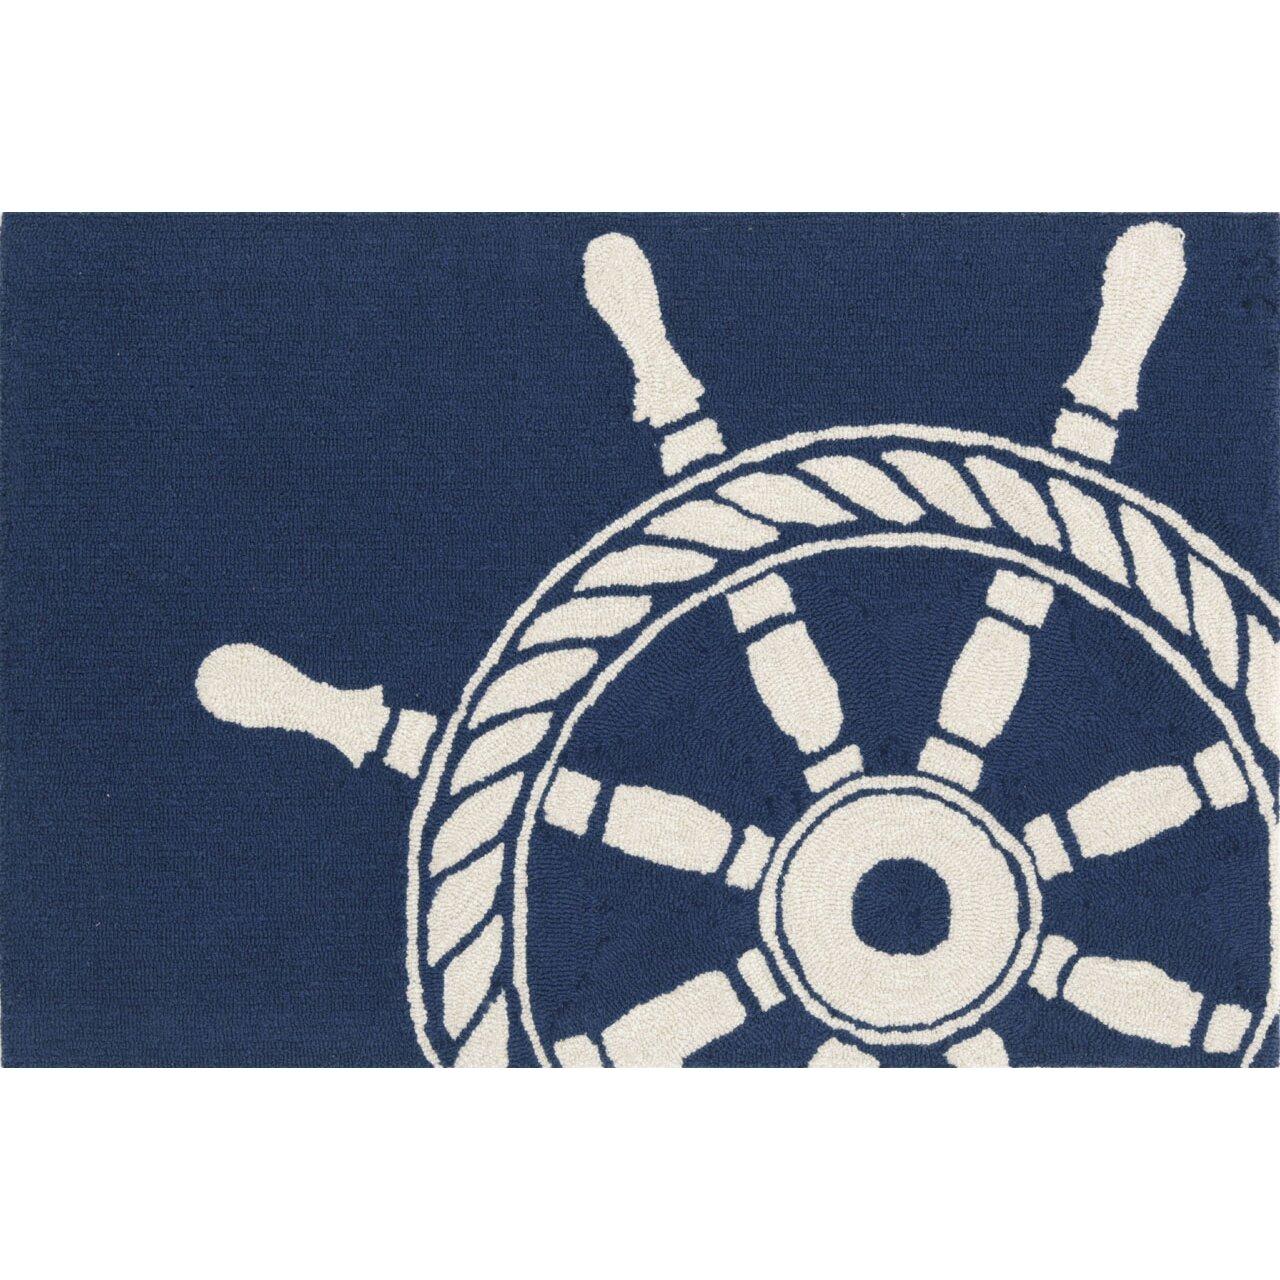 Pirate Rug Next: Liora Manne Frontporch Ship Wheel Navy Indoor/Outdoor Area